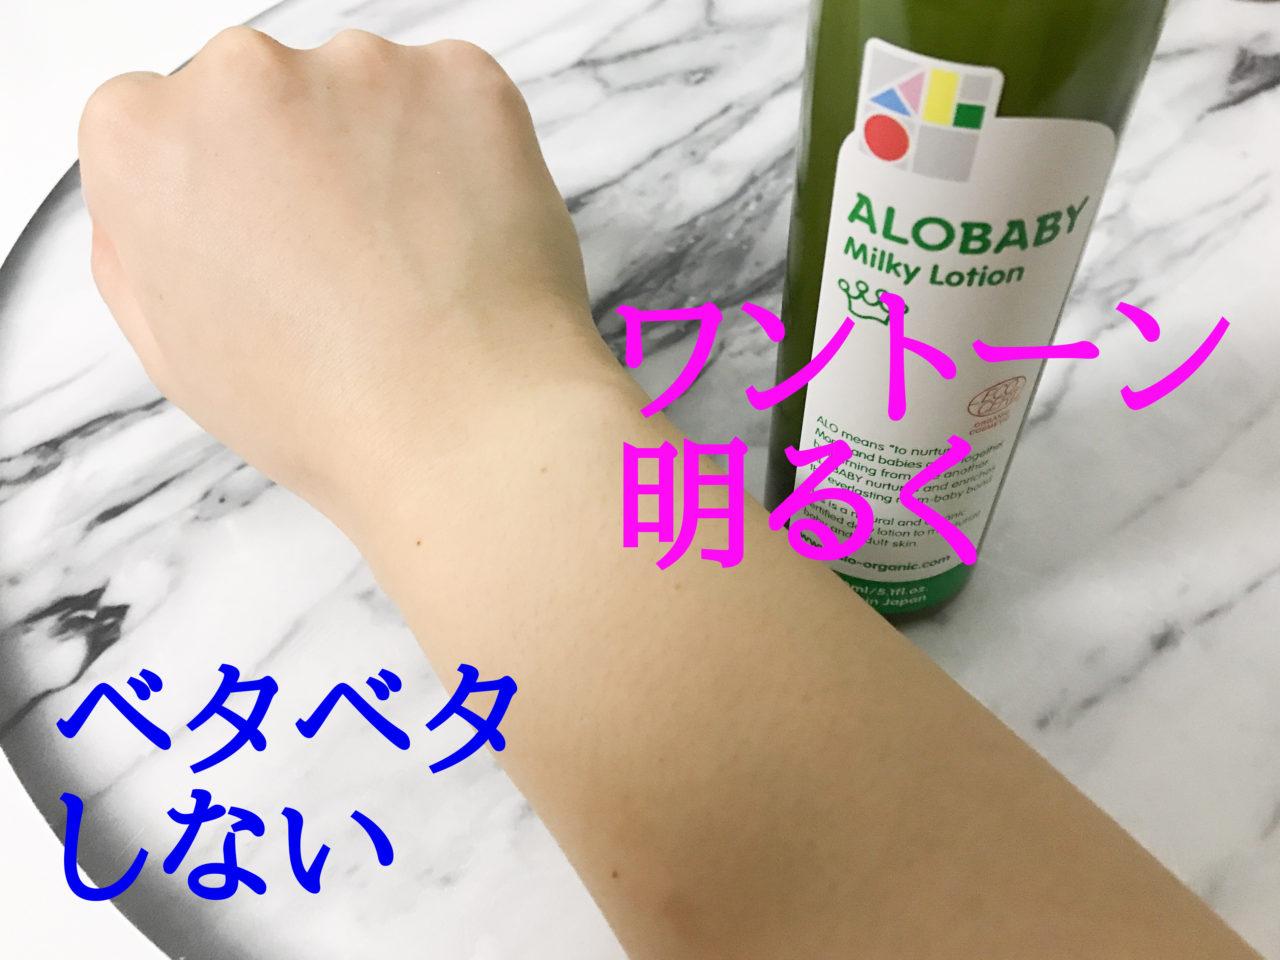 アロベビーミルクローションを腕に塗ったら、ベタベタしなくて、肌の色がワントーン明るくなった。